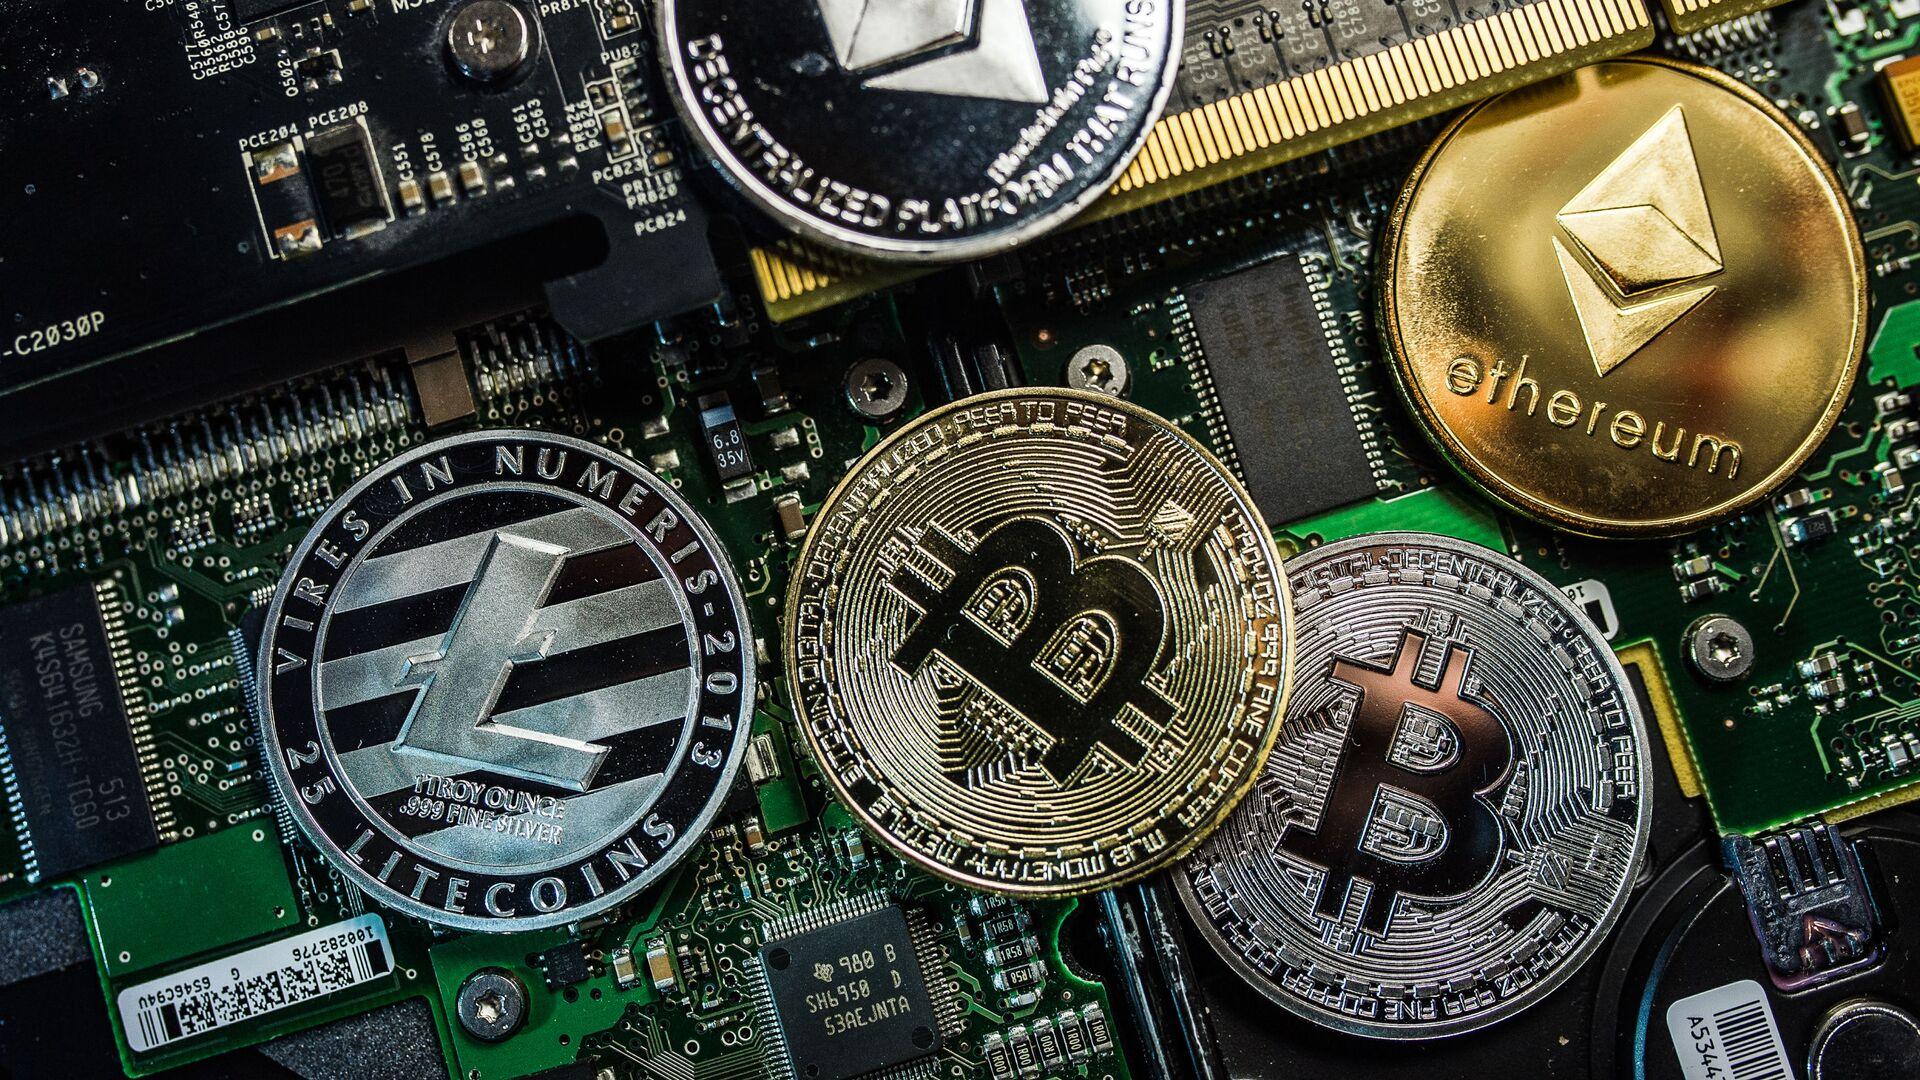 Monety pamiątkowe z logo kryptowalut Bitcoin, Litecoin i Ethereum - Sputnik Polska, 1920, 18.05.2021